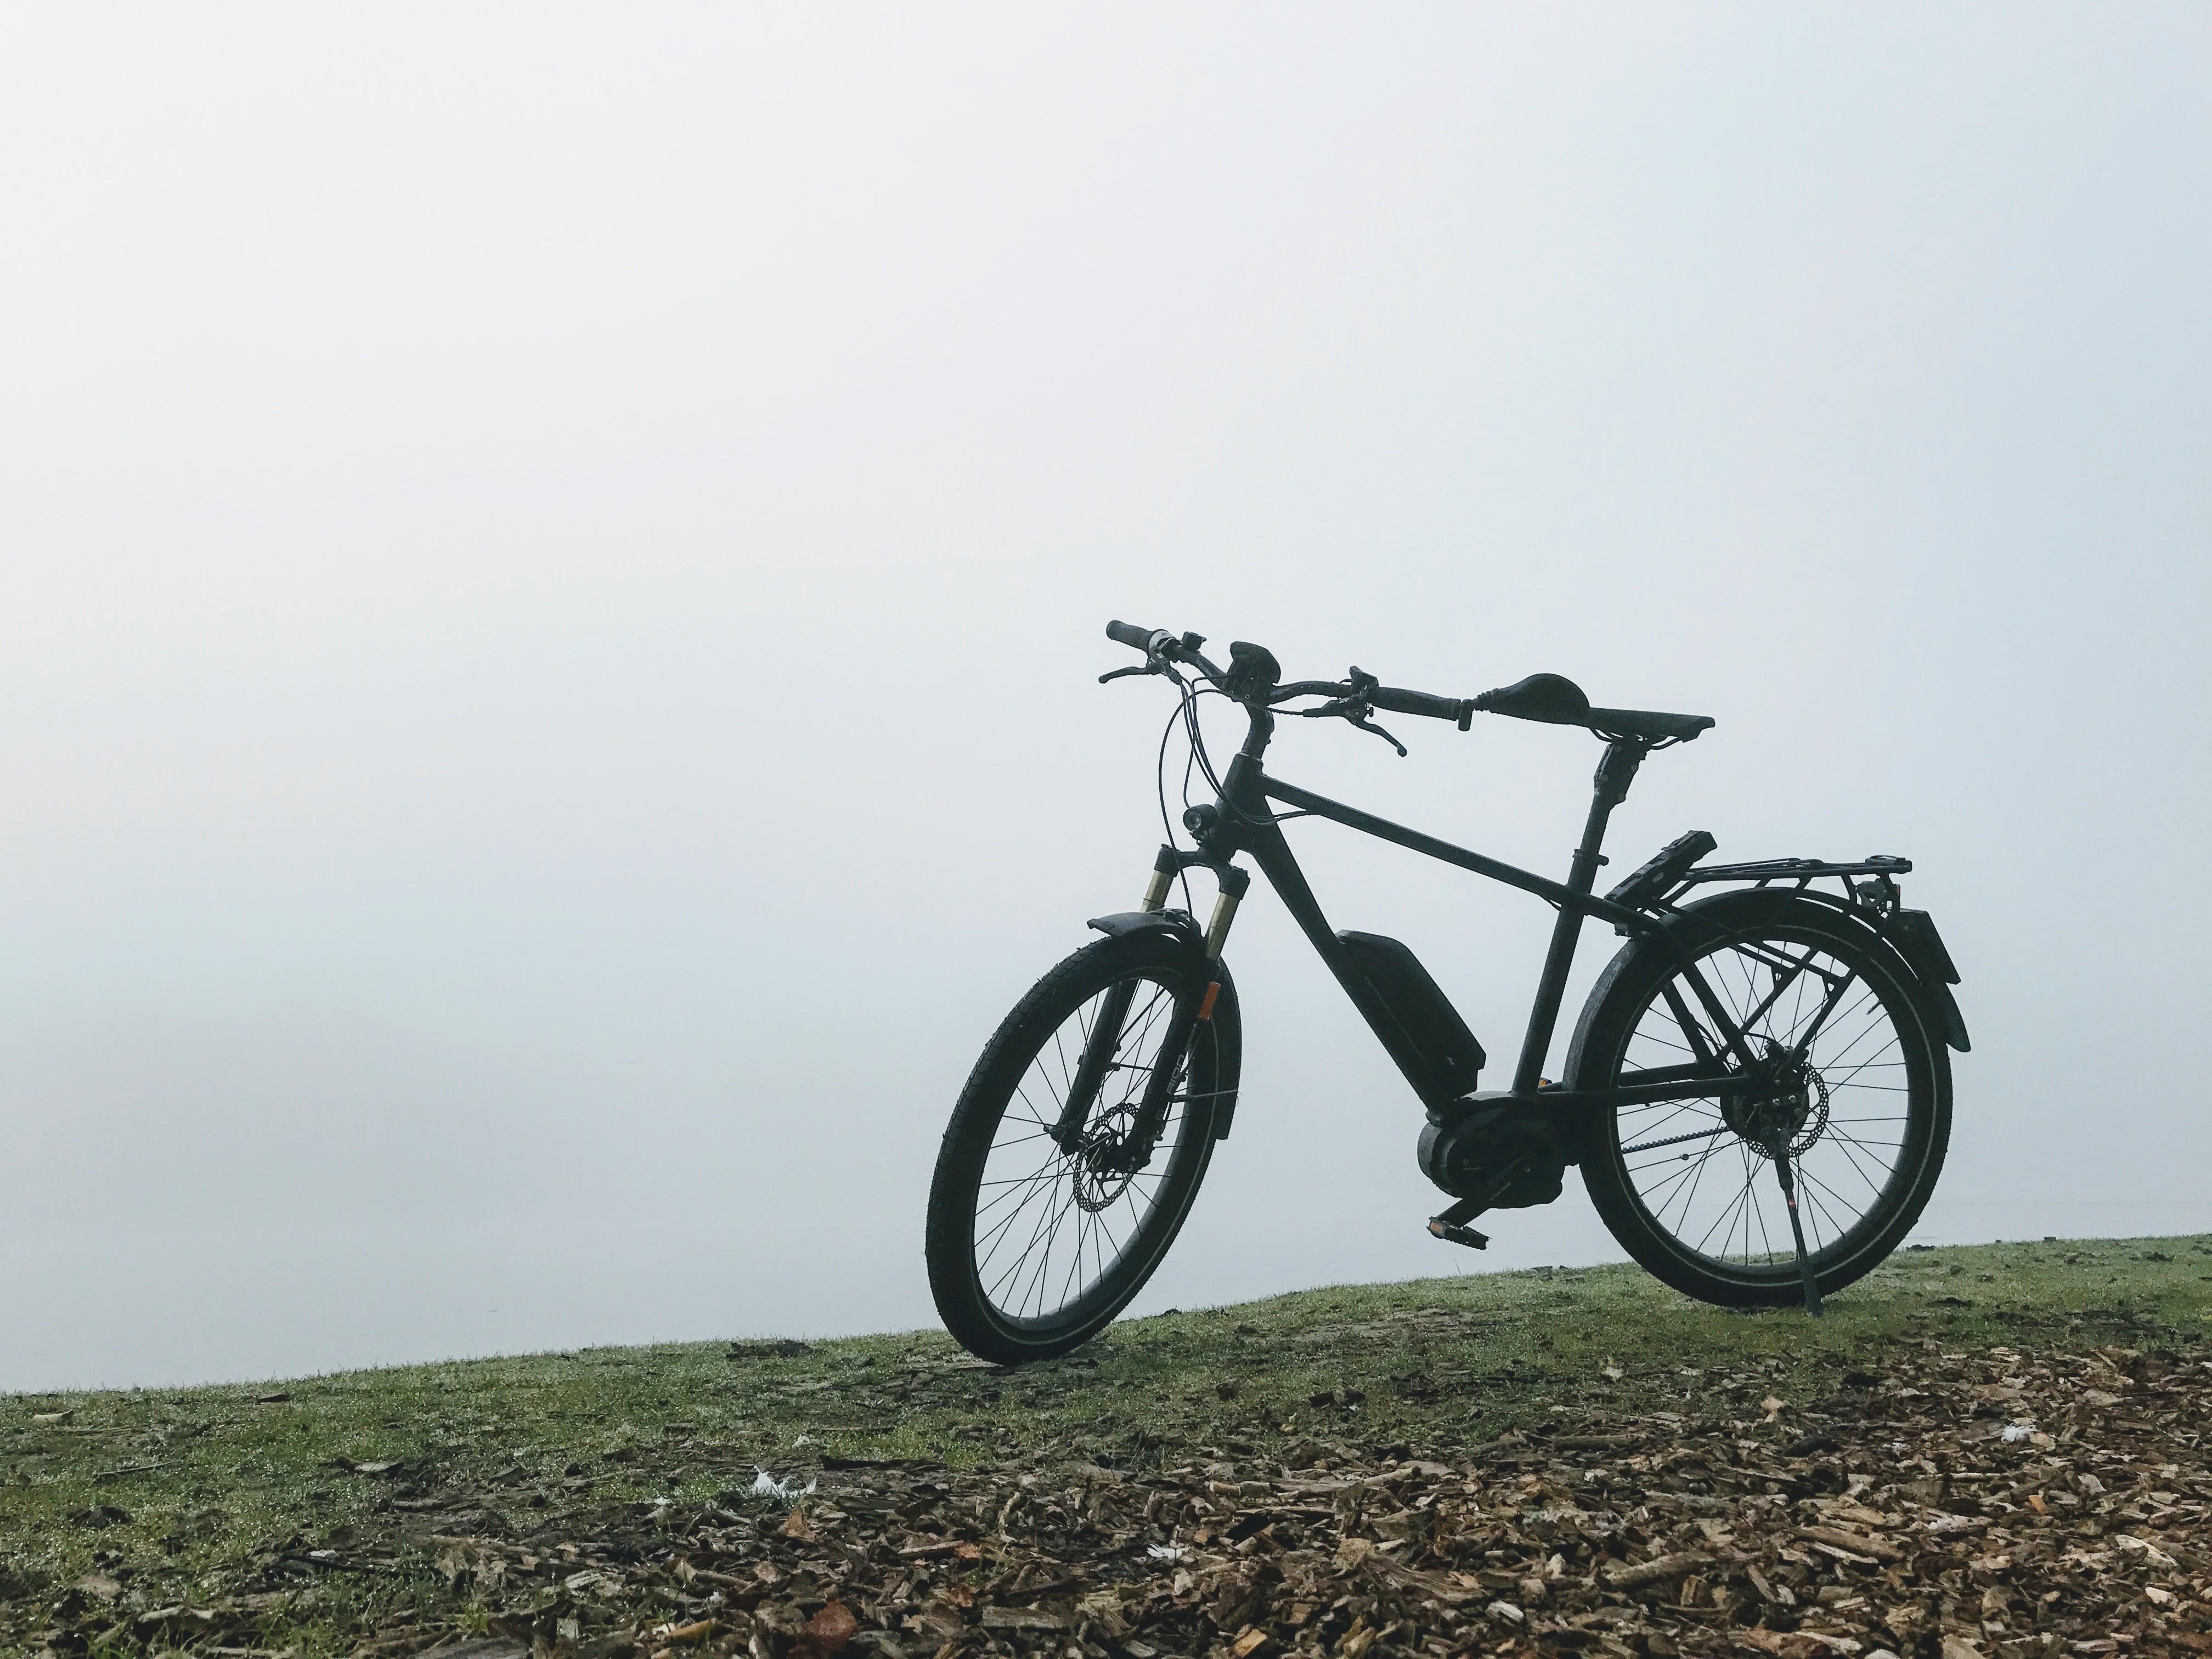 Een elektrische fiets met riemaandrijving